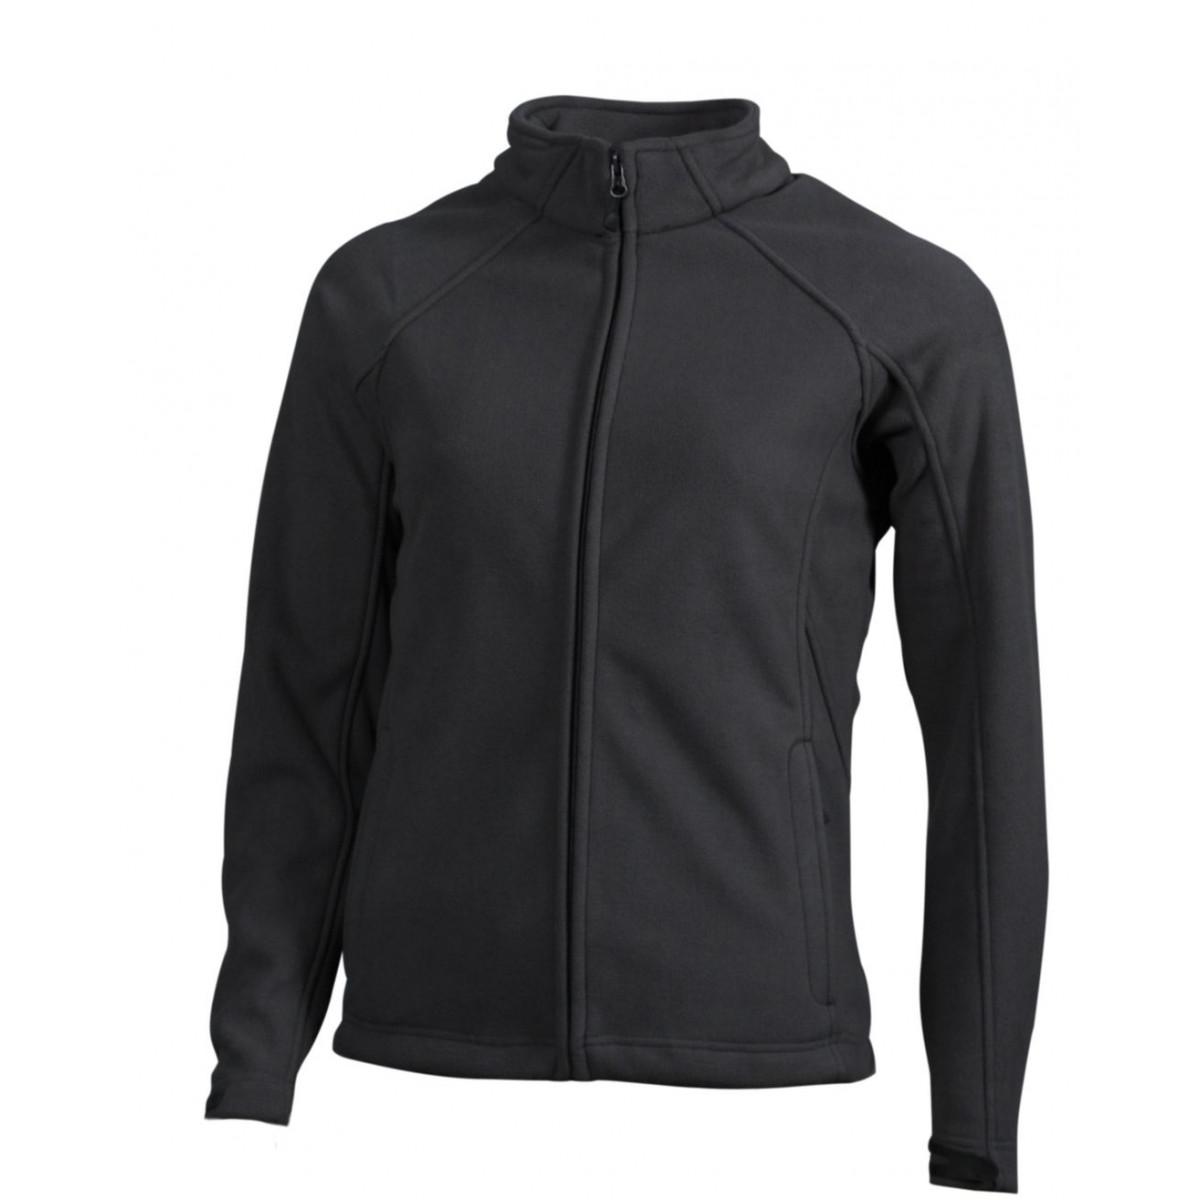 Толстовка женская JN1007 Ladies  Bonded Fleece Jacket - Карбон/Черный